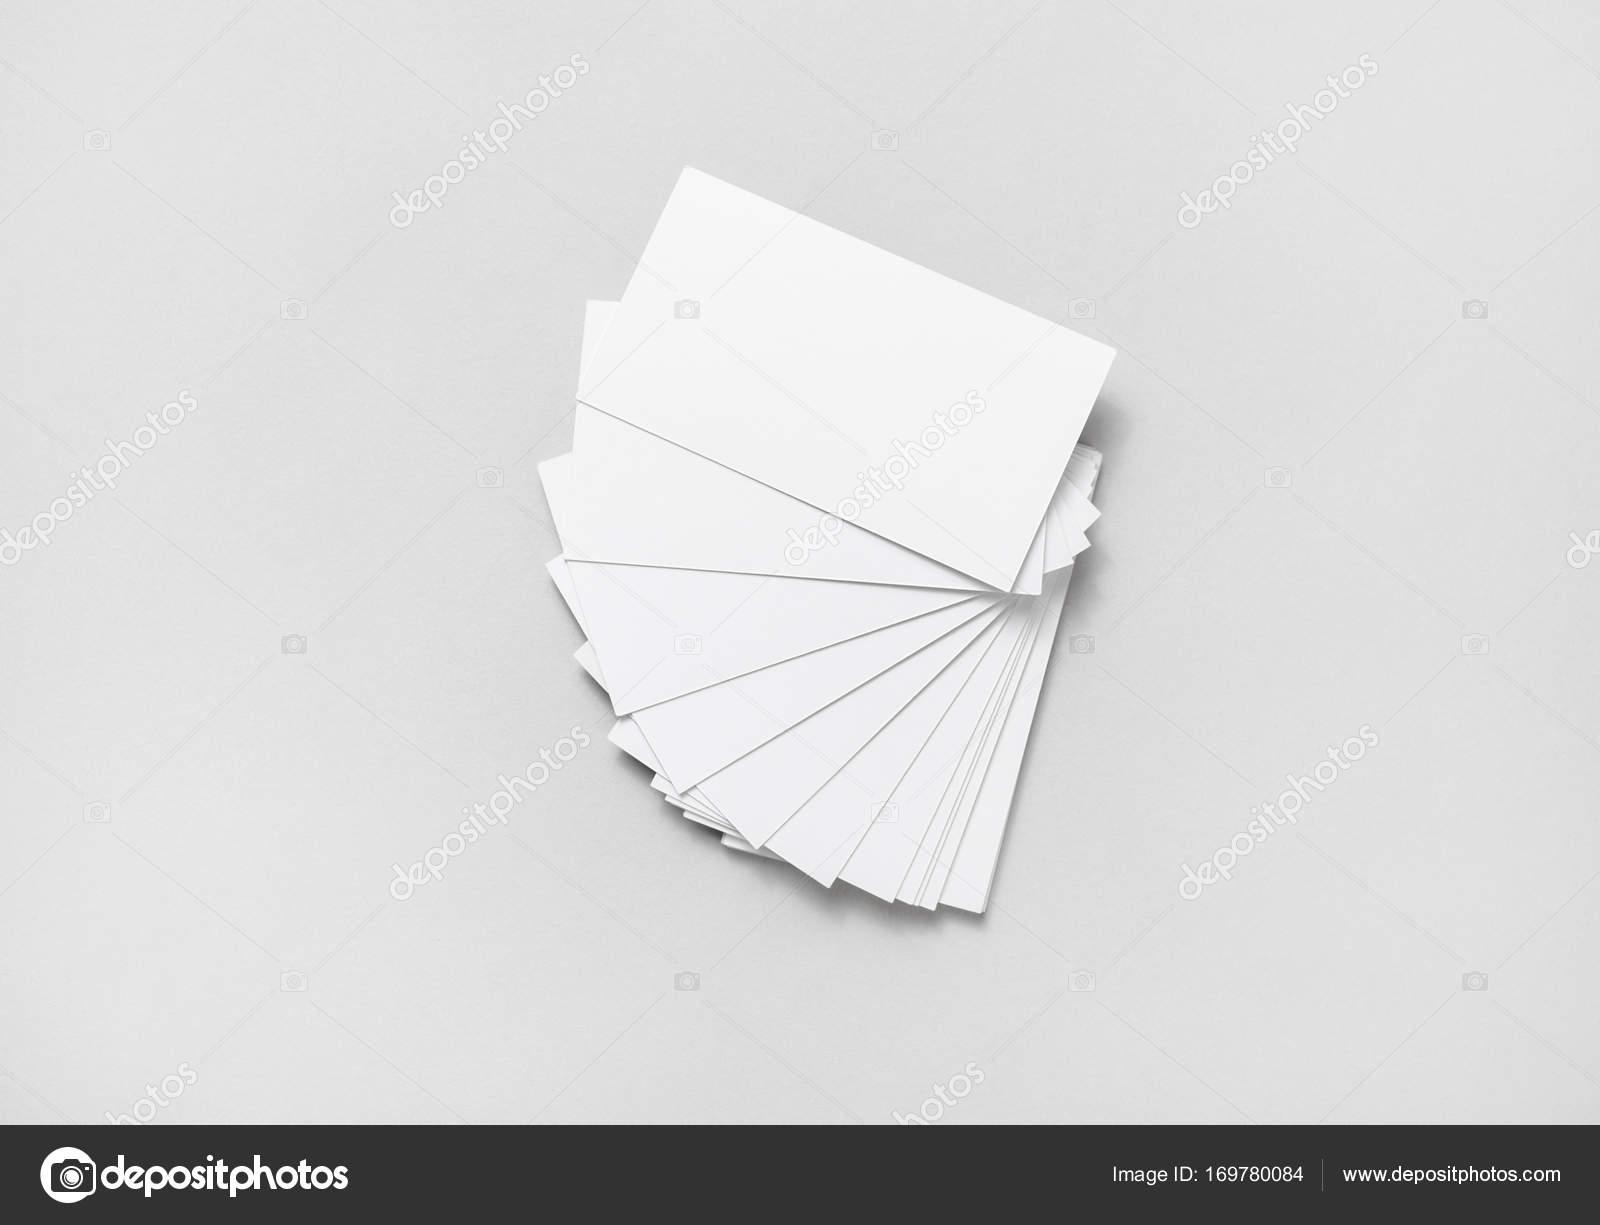 tarjetas en blanco — Foto de stock © Veresovich #169780084